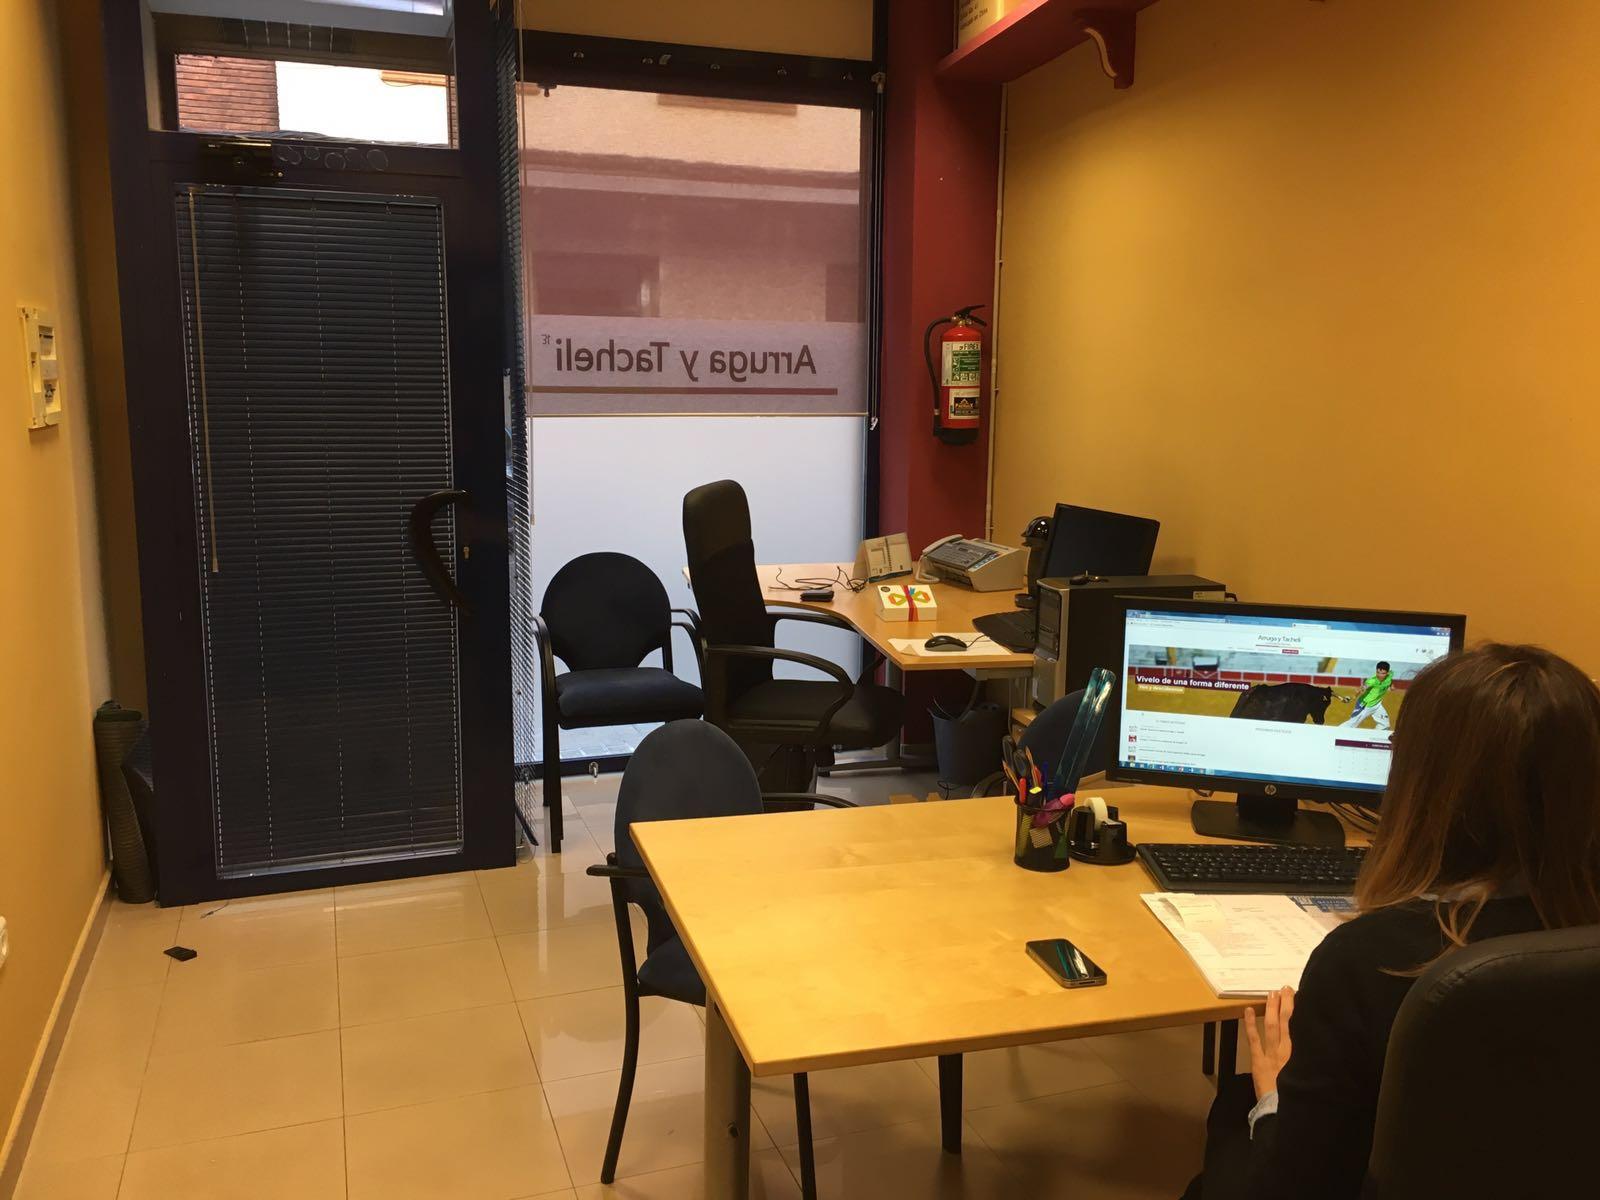 Nueva oficina de gestor a taurina en zaragoza arruga y for Oficinas de seur en zaragoza